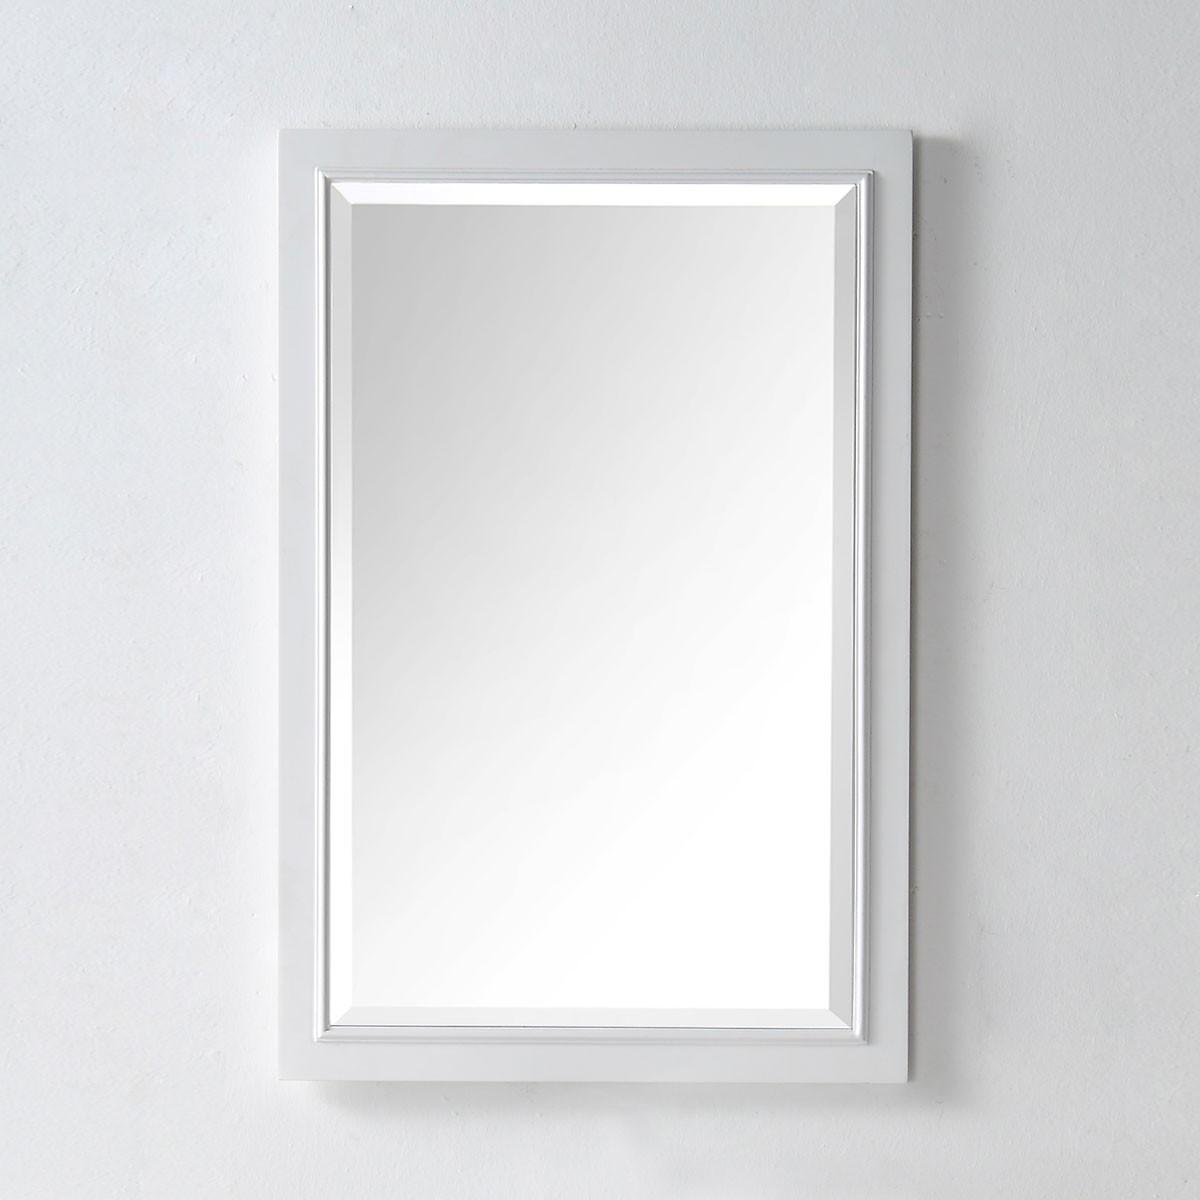 20 x 30 In Mirror with White Frame (DK-5000-WM)